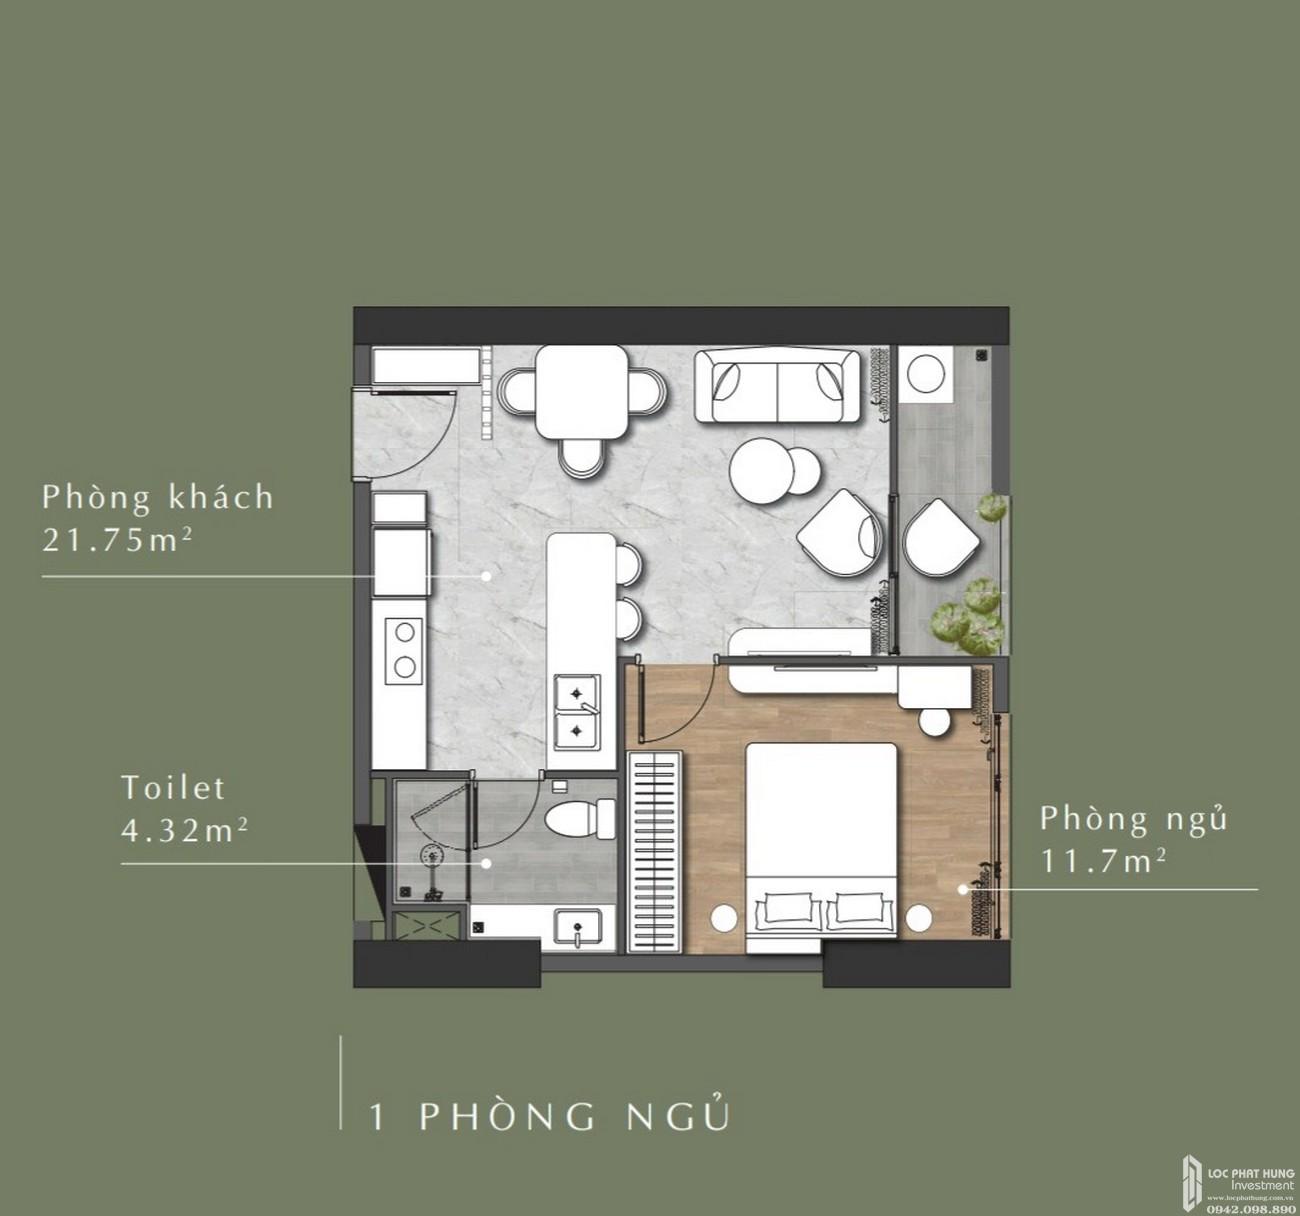 Thiết kế dự án căn hộ chung cư Anderson Park Thuận An Đường Quốc lộ 13 chủ đầu tư Ngọc Điền (RubyLand)